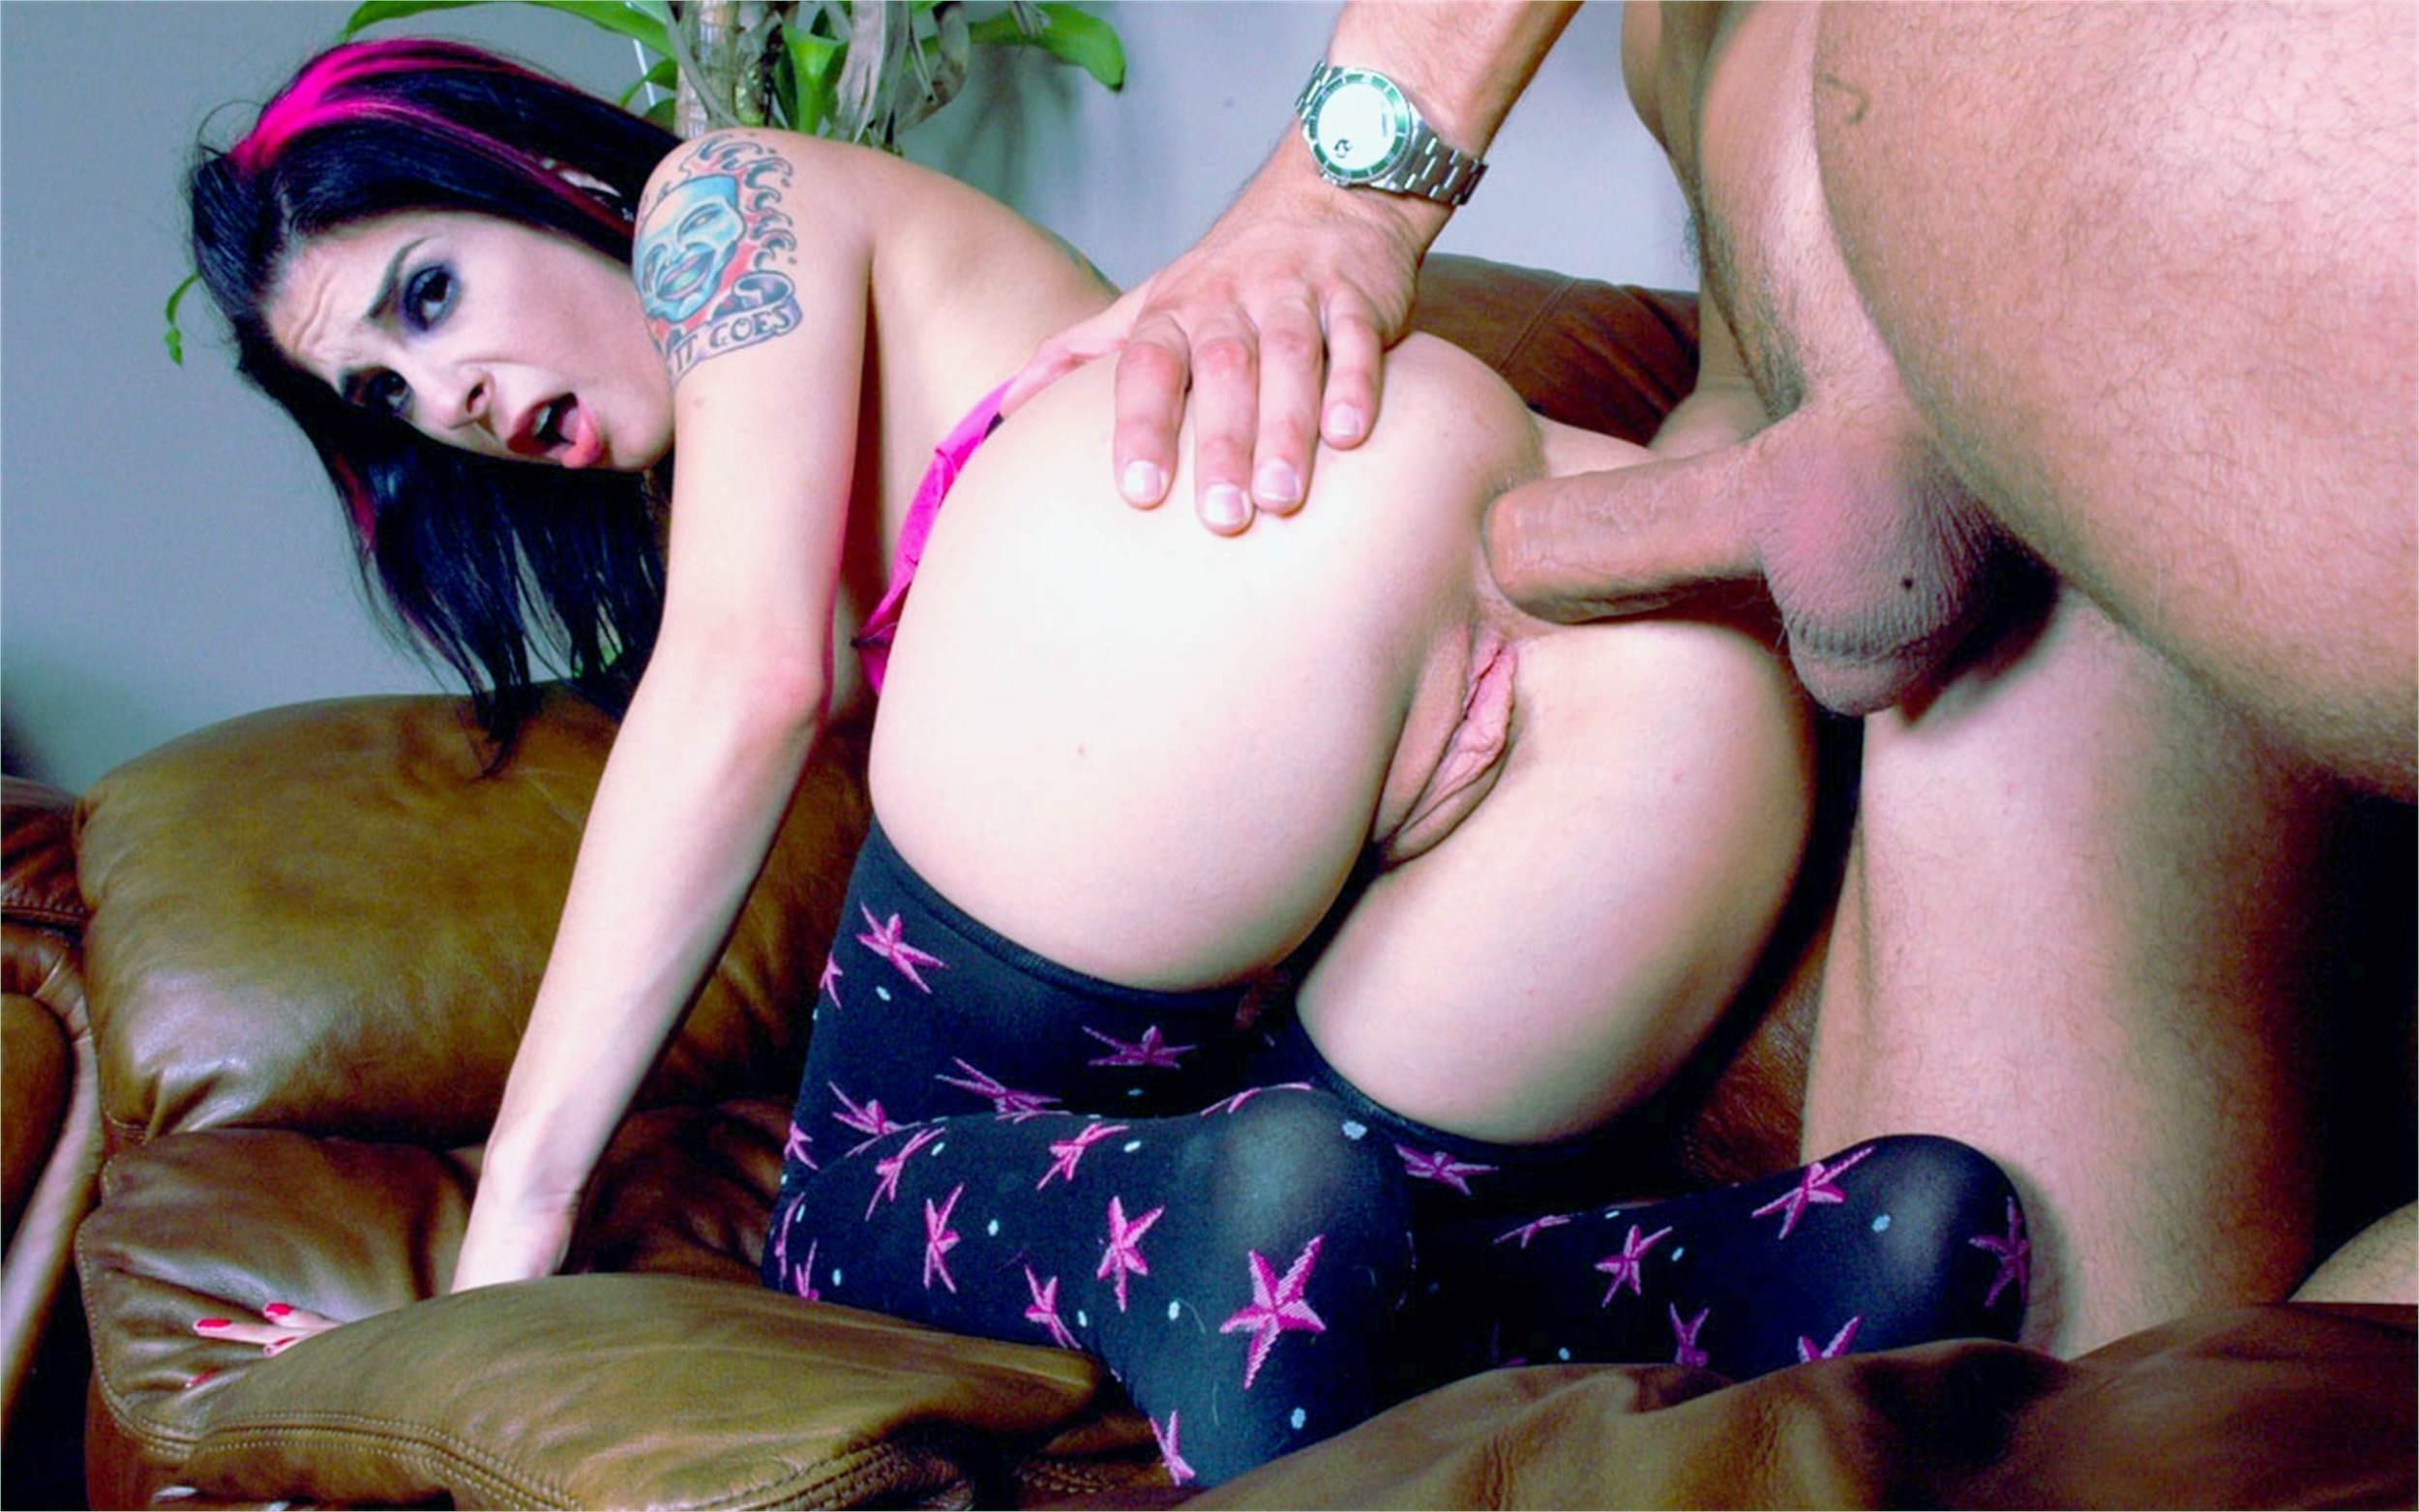 Фото Похотливая и соблазнительная девушка с тату на плече трахается в попку на кожаном диване, мужик сунул свой хуй ей в жопу, анальный секс, девушка стонет и искривляет лицо от боли, брюнетка в черно-фиолетовых чулках с узорами из морских звезд, сочная пизда, розовые половые губы. Sexy girl in purple stockings, pink bow, anal sex, dick in ass, sexy ass, labia, pink pussy, scream, doggy, скачать картинку бесплатно